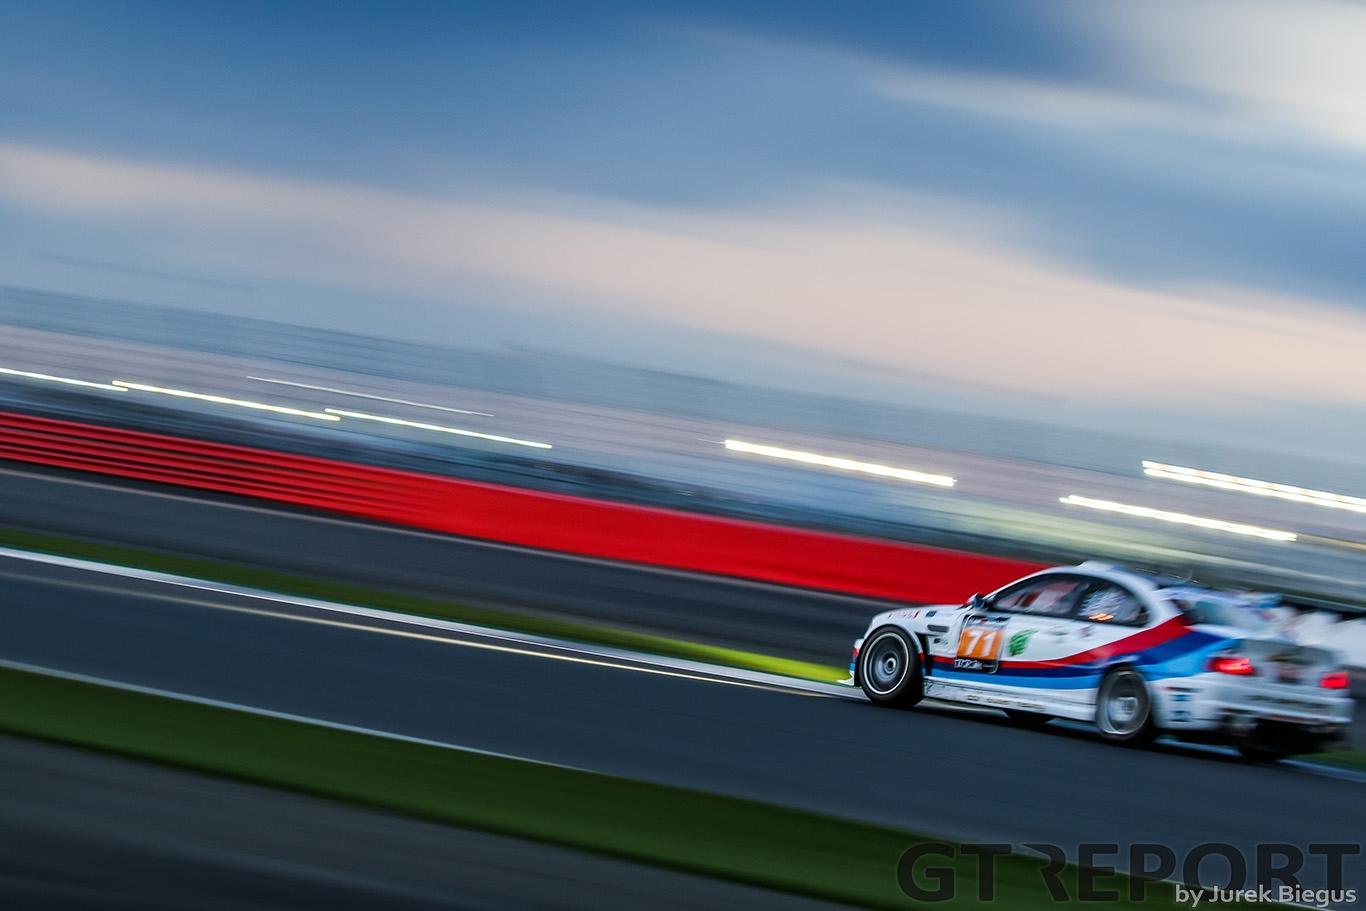 Cor Euser Racing | A3 | BMW M3 (3200cc) | James Briody | Peter Klutt | Cor Euser | Maarten Mus | John Farano | Hankook 24 hours of Silverstone | 01/02 April 2017 | Photo: Jurek Biegus